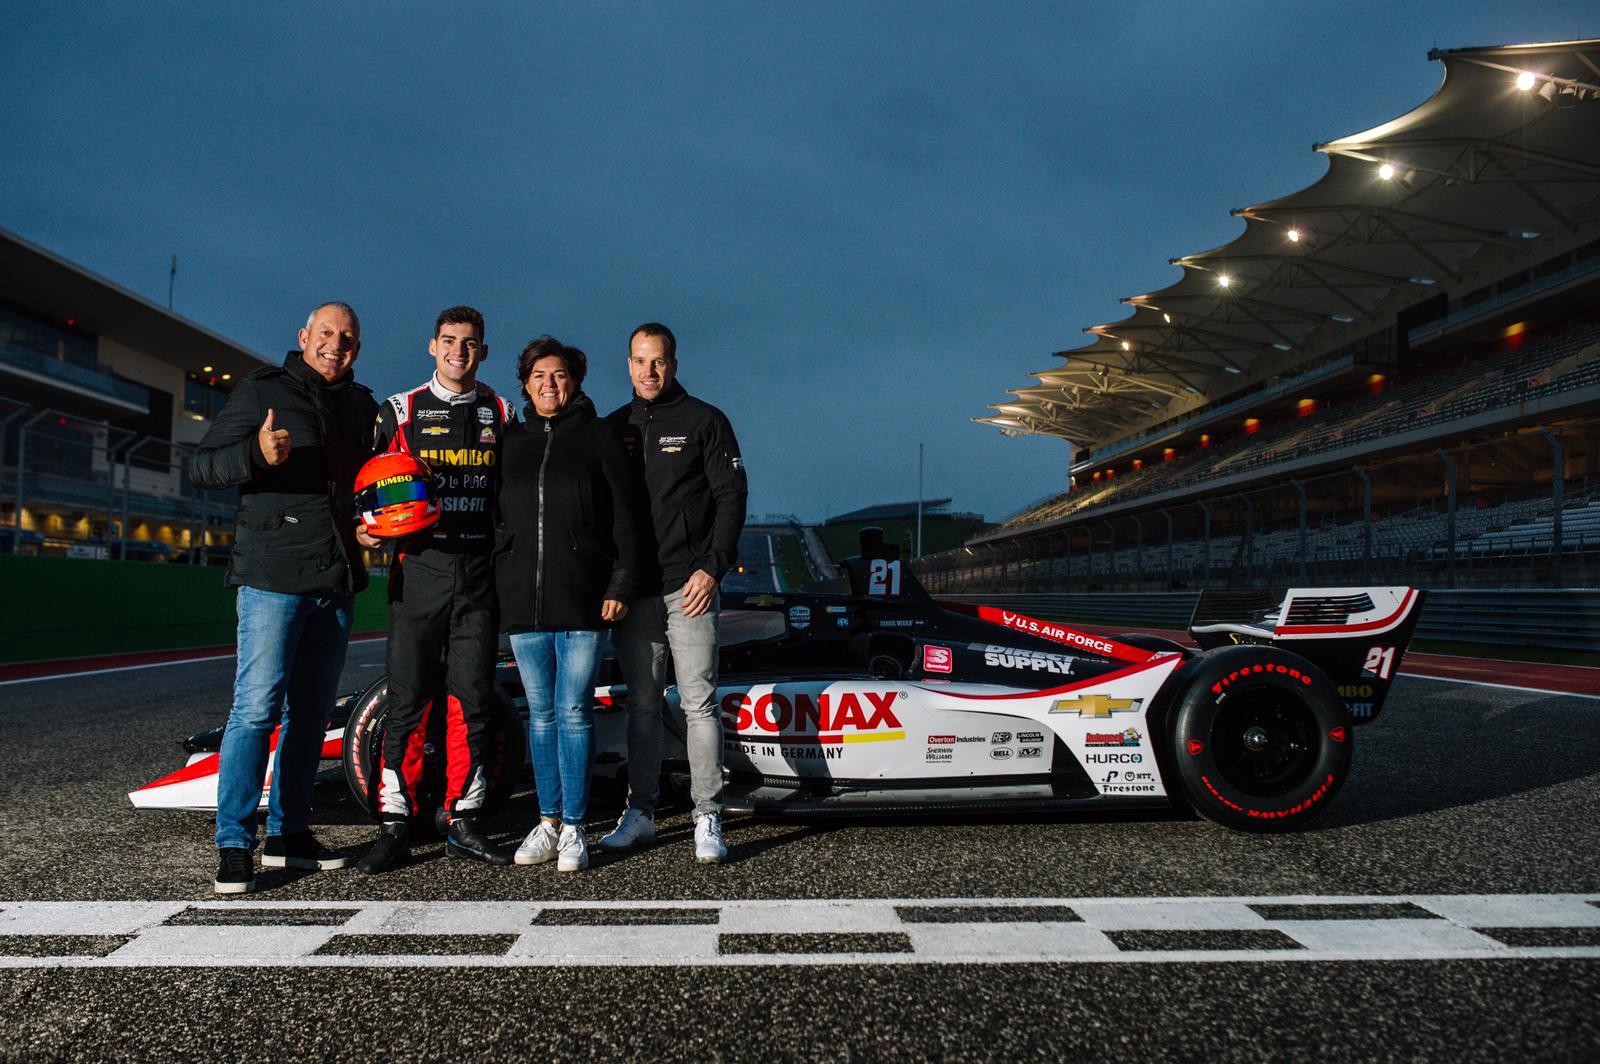 OP deze foto zie je Rinus van Kalmthout samen met z'n ouders en personal trainer Raun Grobben bij zijn racewagen.